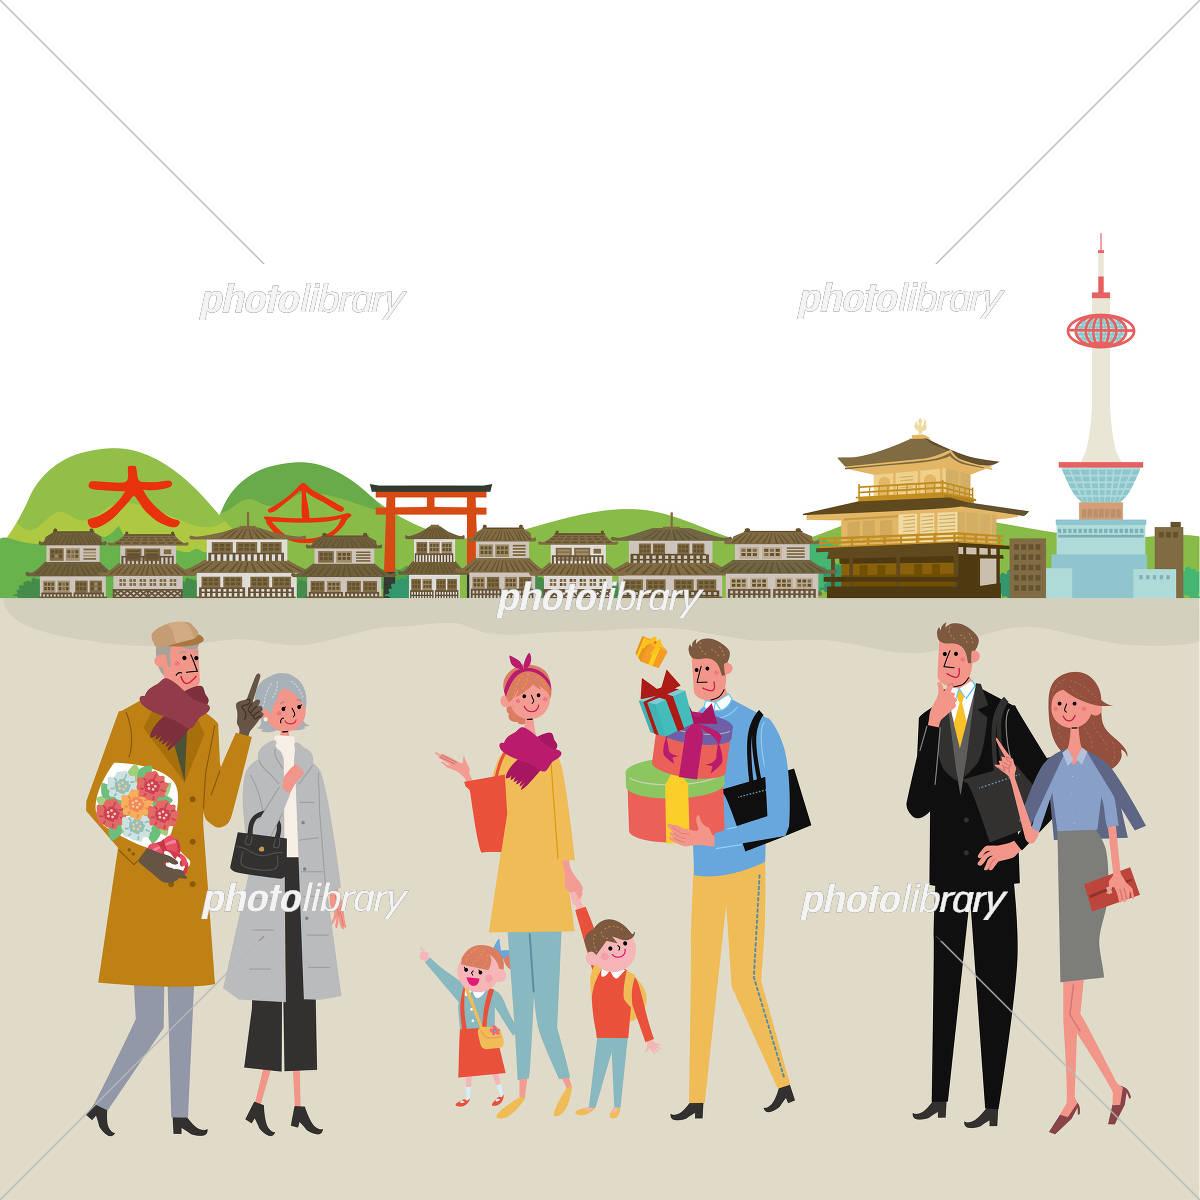 京都 イラスト 観光 イラスト素材 [ 5420014 ] - フォトライブラリー